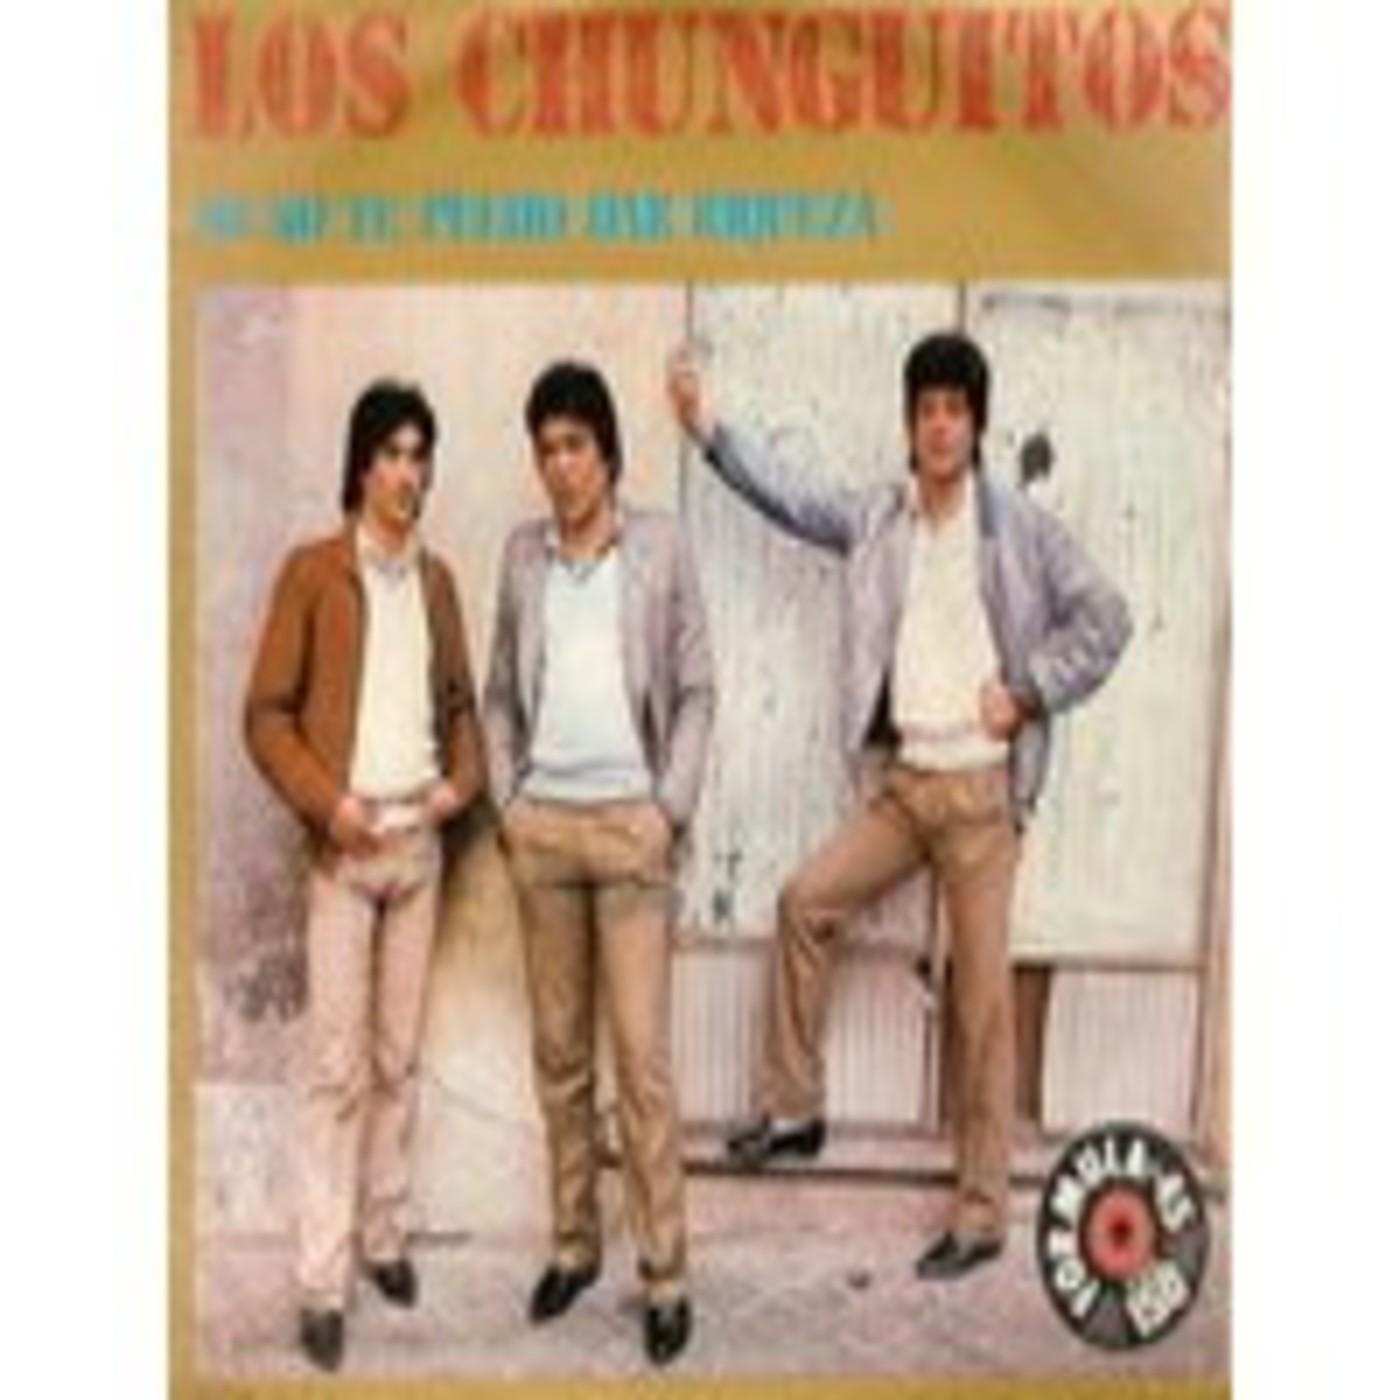 Los Chunguitos Yo No Te Puedo Dar Riqueza 1983 En Rumbas Grandes éxitos En Mp3 01 03 A Las 00 10 21 03 04 2878766 Ivoox